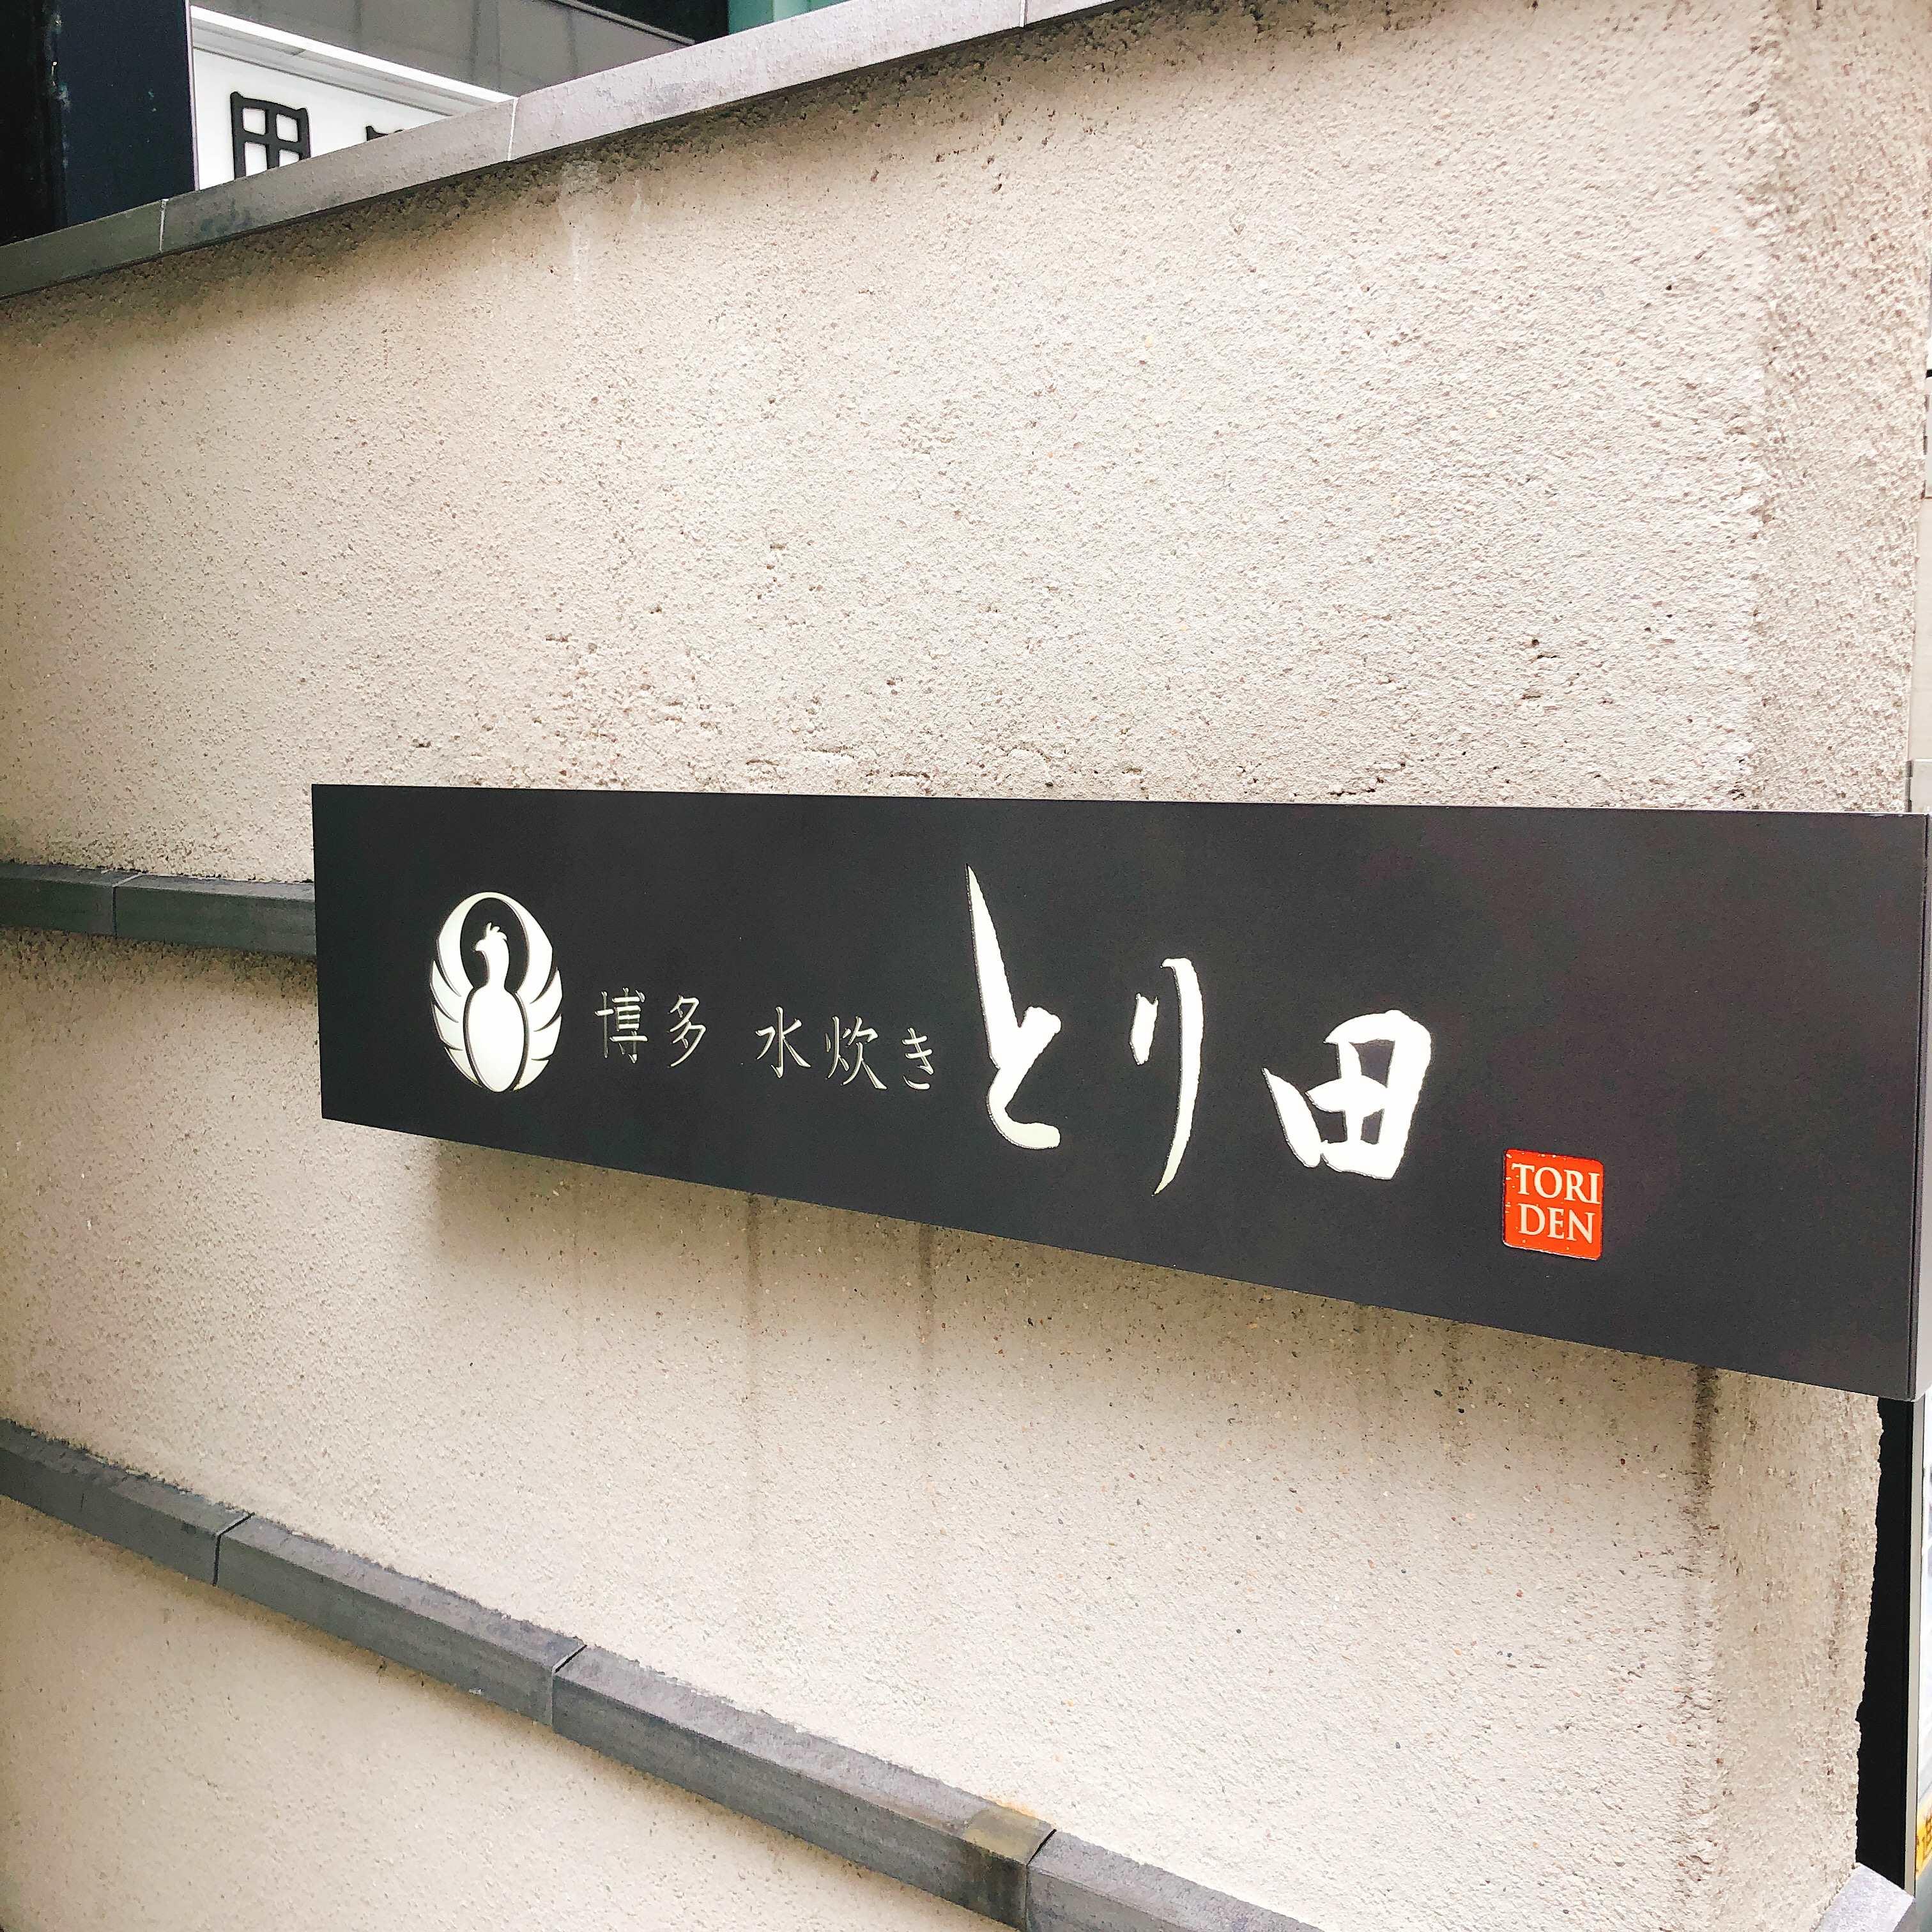 予算5000円 博多で出会った至高の水炊き「とり田」